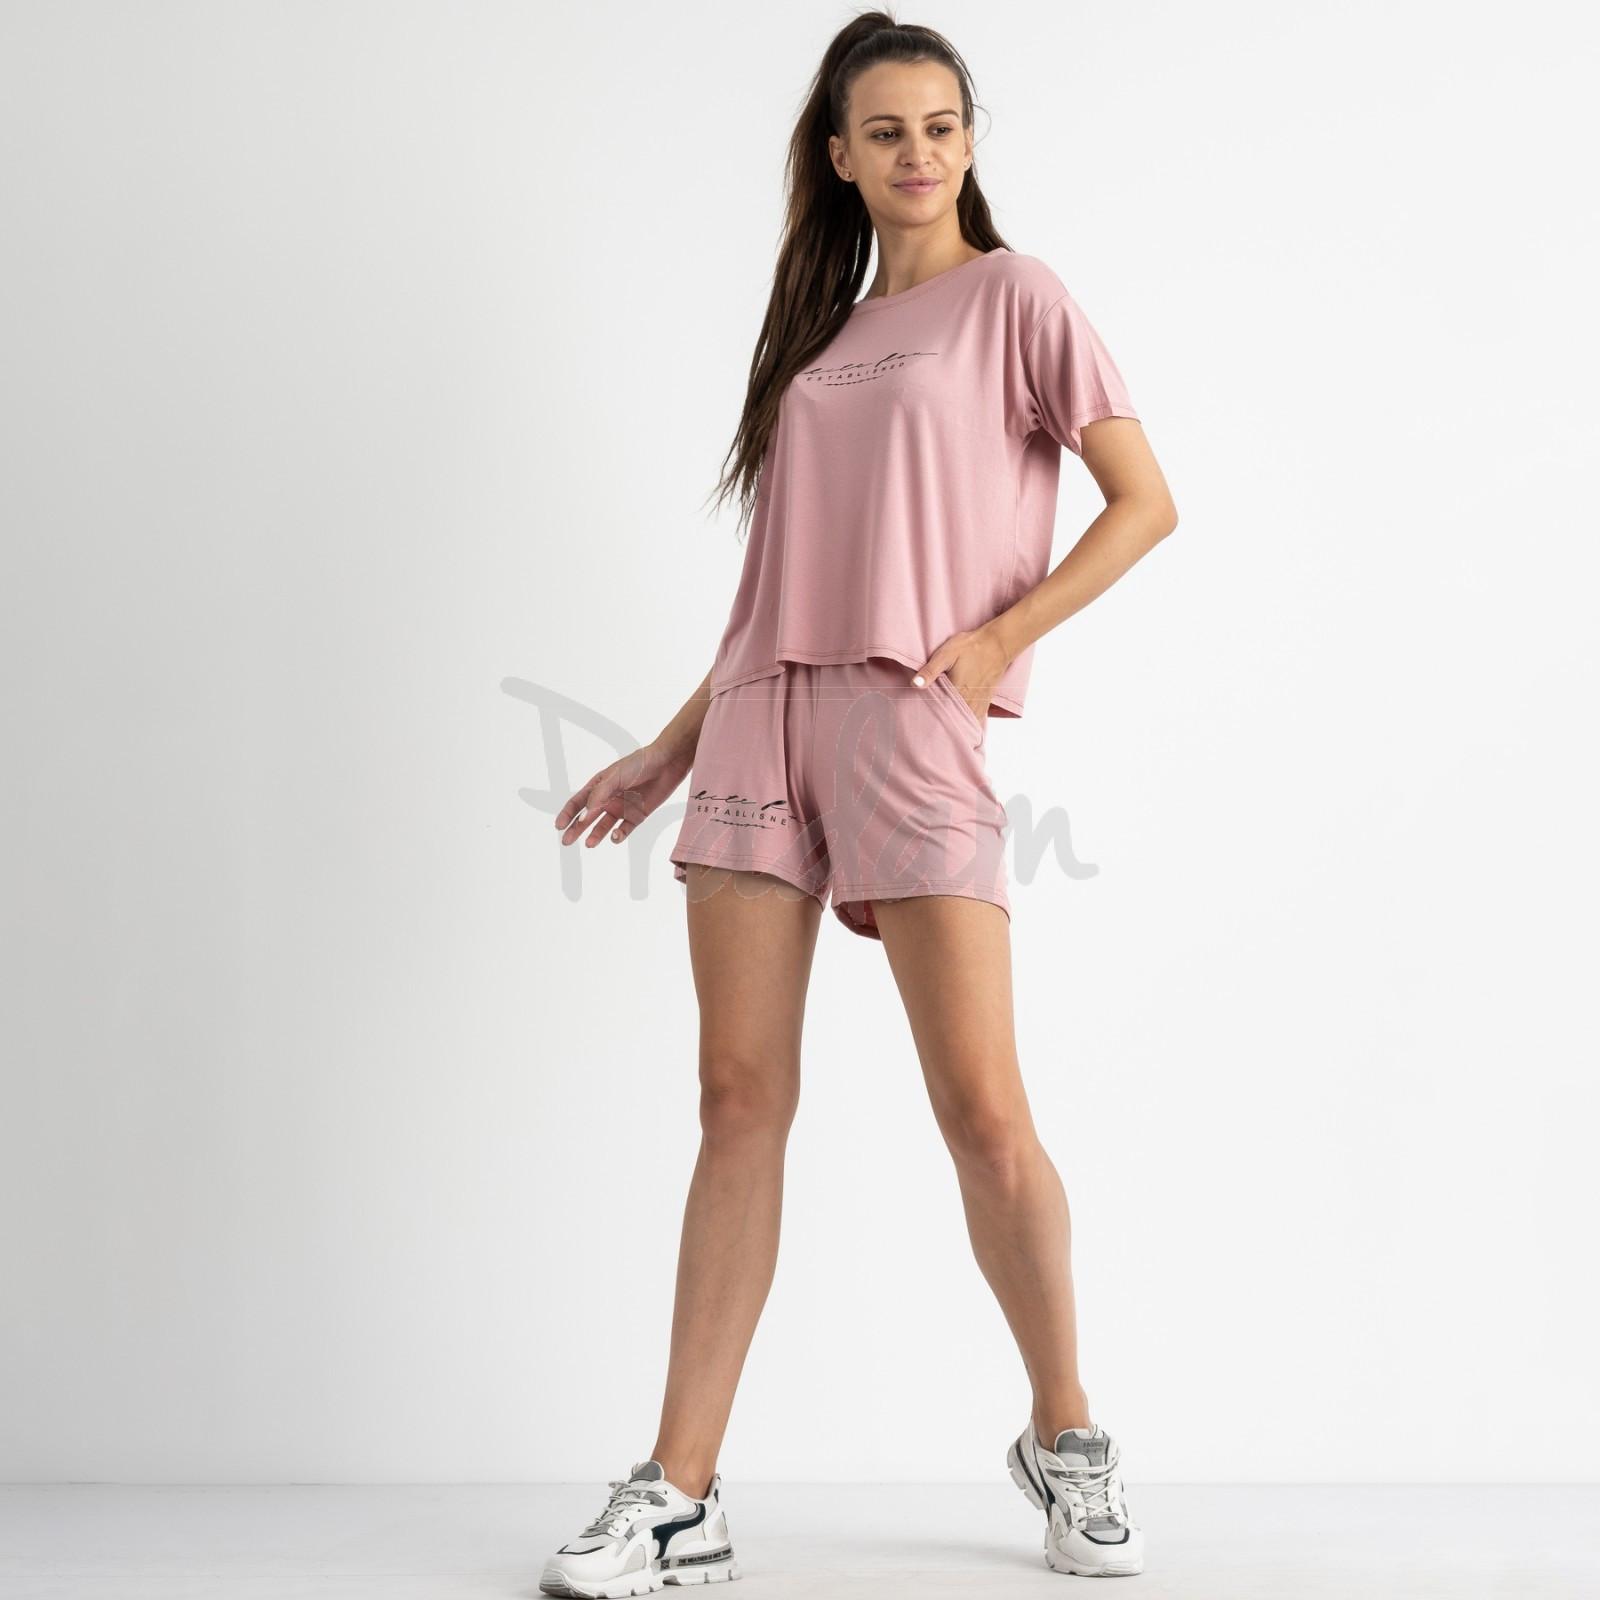 8340-2 розовый женский костюм  трикотажный (4 ед. размеры: 42.44.46.48)